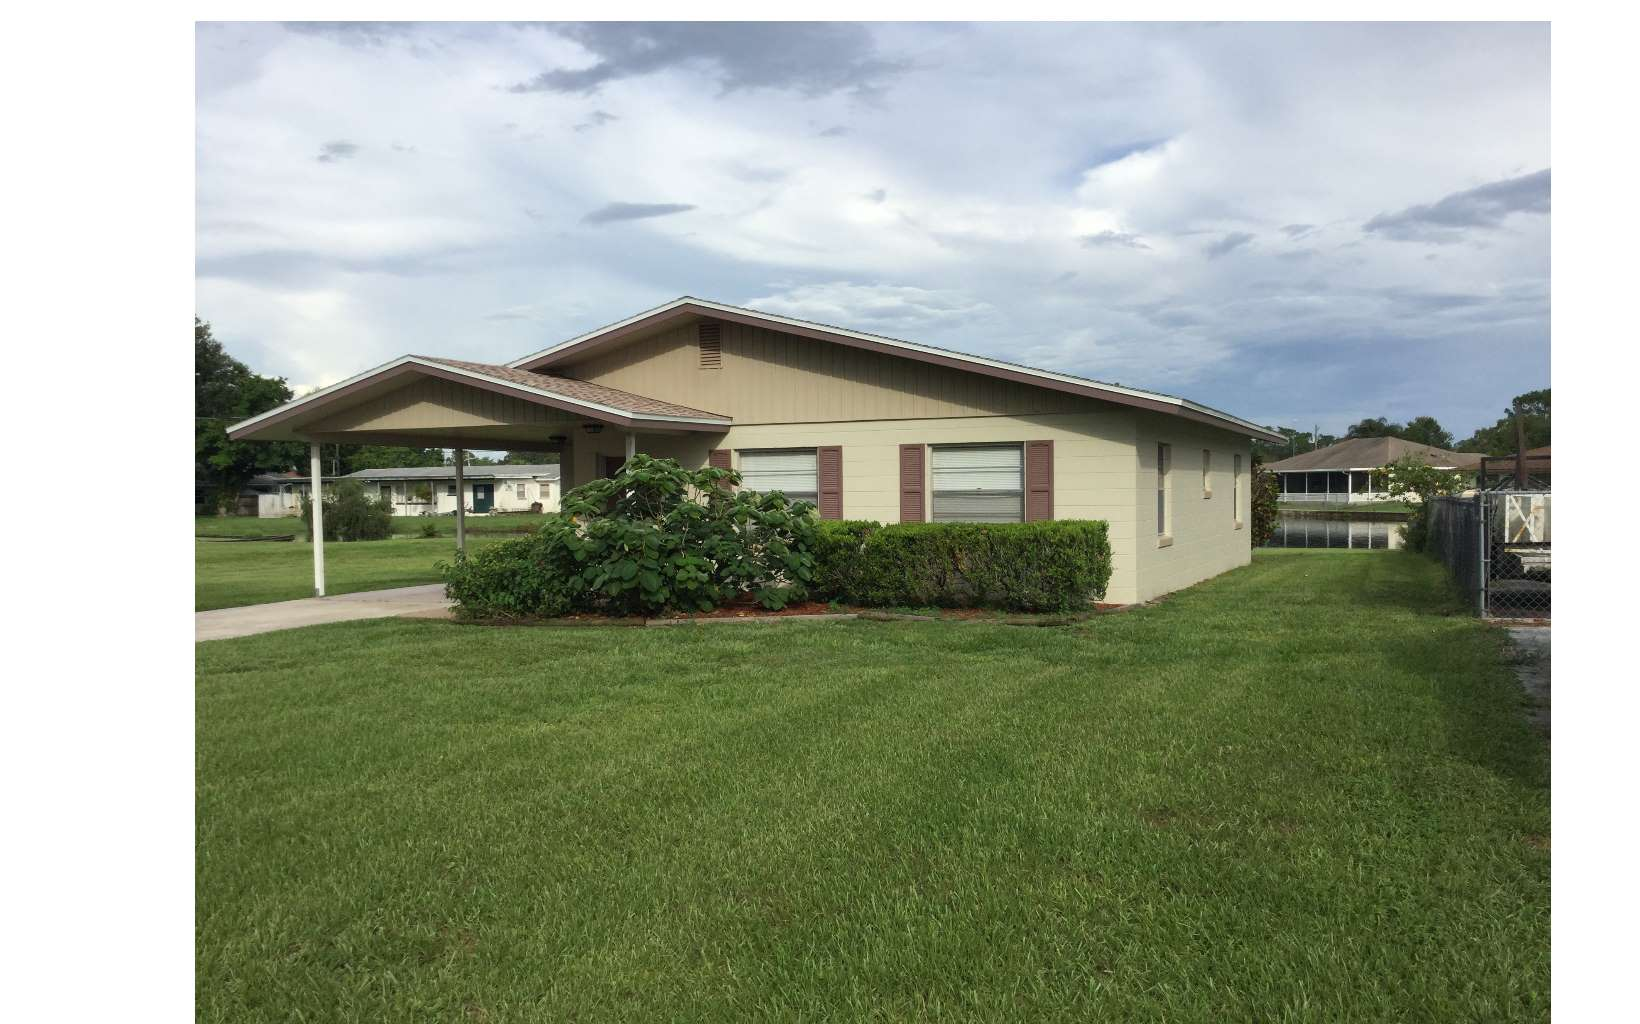 805 Killarney Dr, Sebring, FL 33870